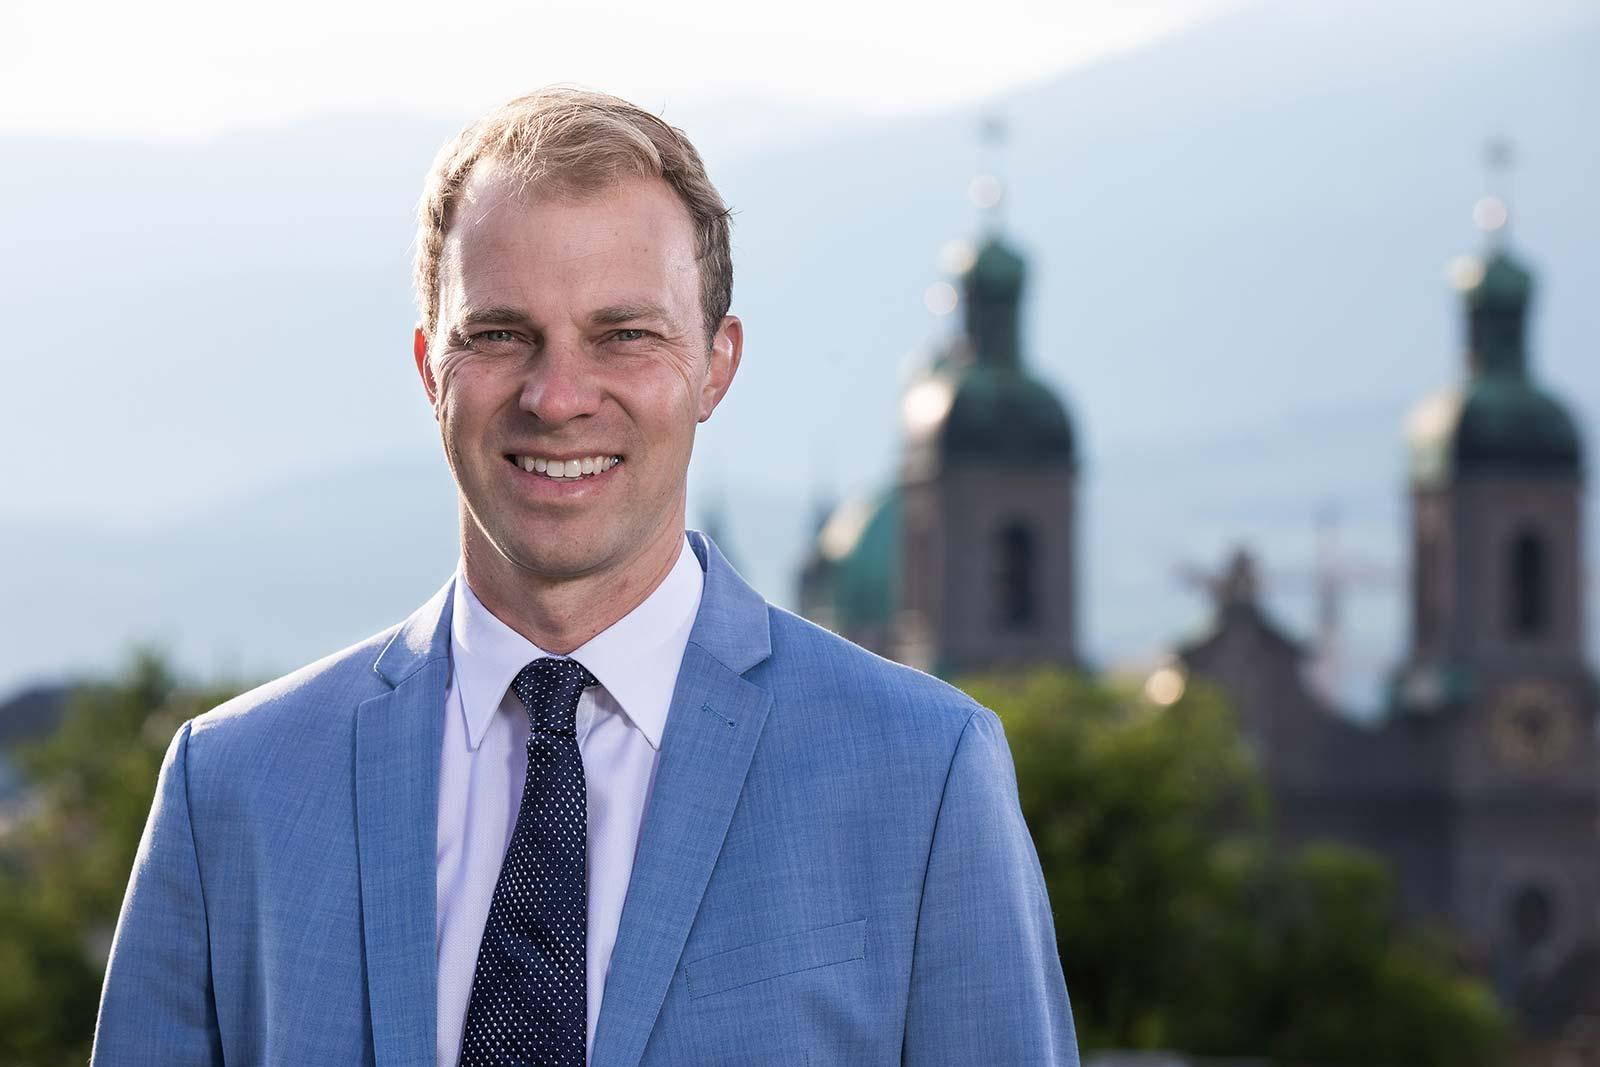 Mag. Christian Fuchs | Fuchs Wenzel Ortner Richter Rechtsanwälte, 6020 Innsbruck